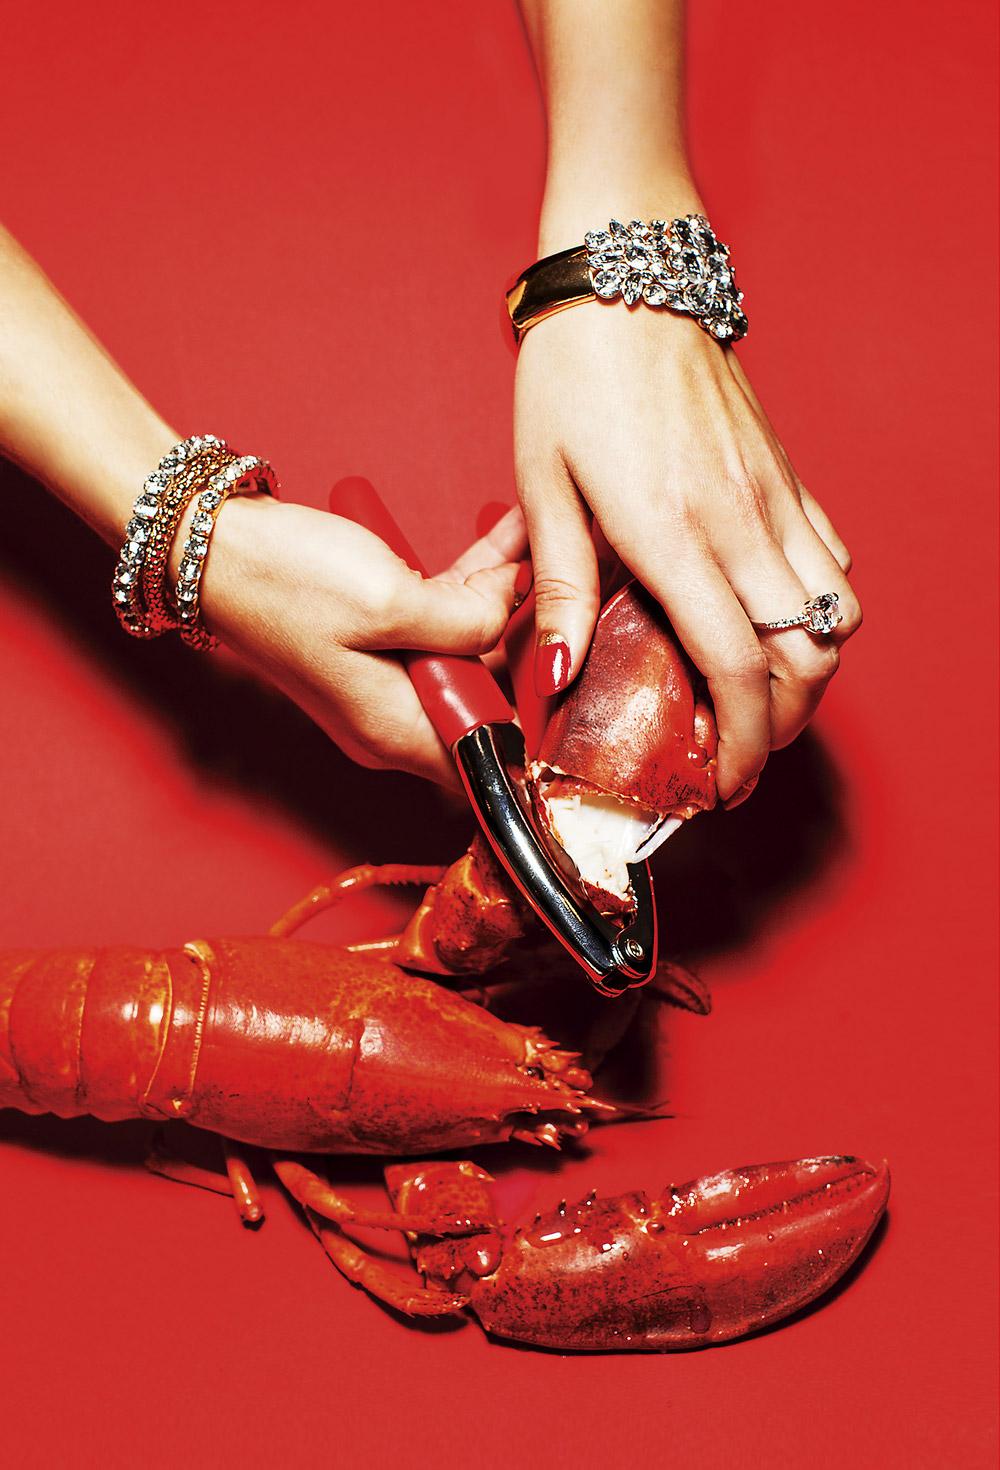 «Без названия», © Кэтрин Инс / Kathryn Ince, Торонто, Канада, Победитель народного голосования, Фотоконкурс натюрморта «Объекты желания» — Objects of Desire